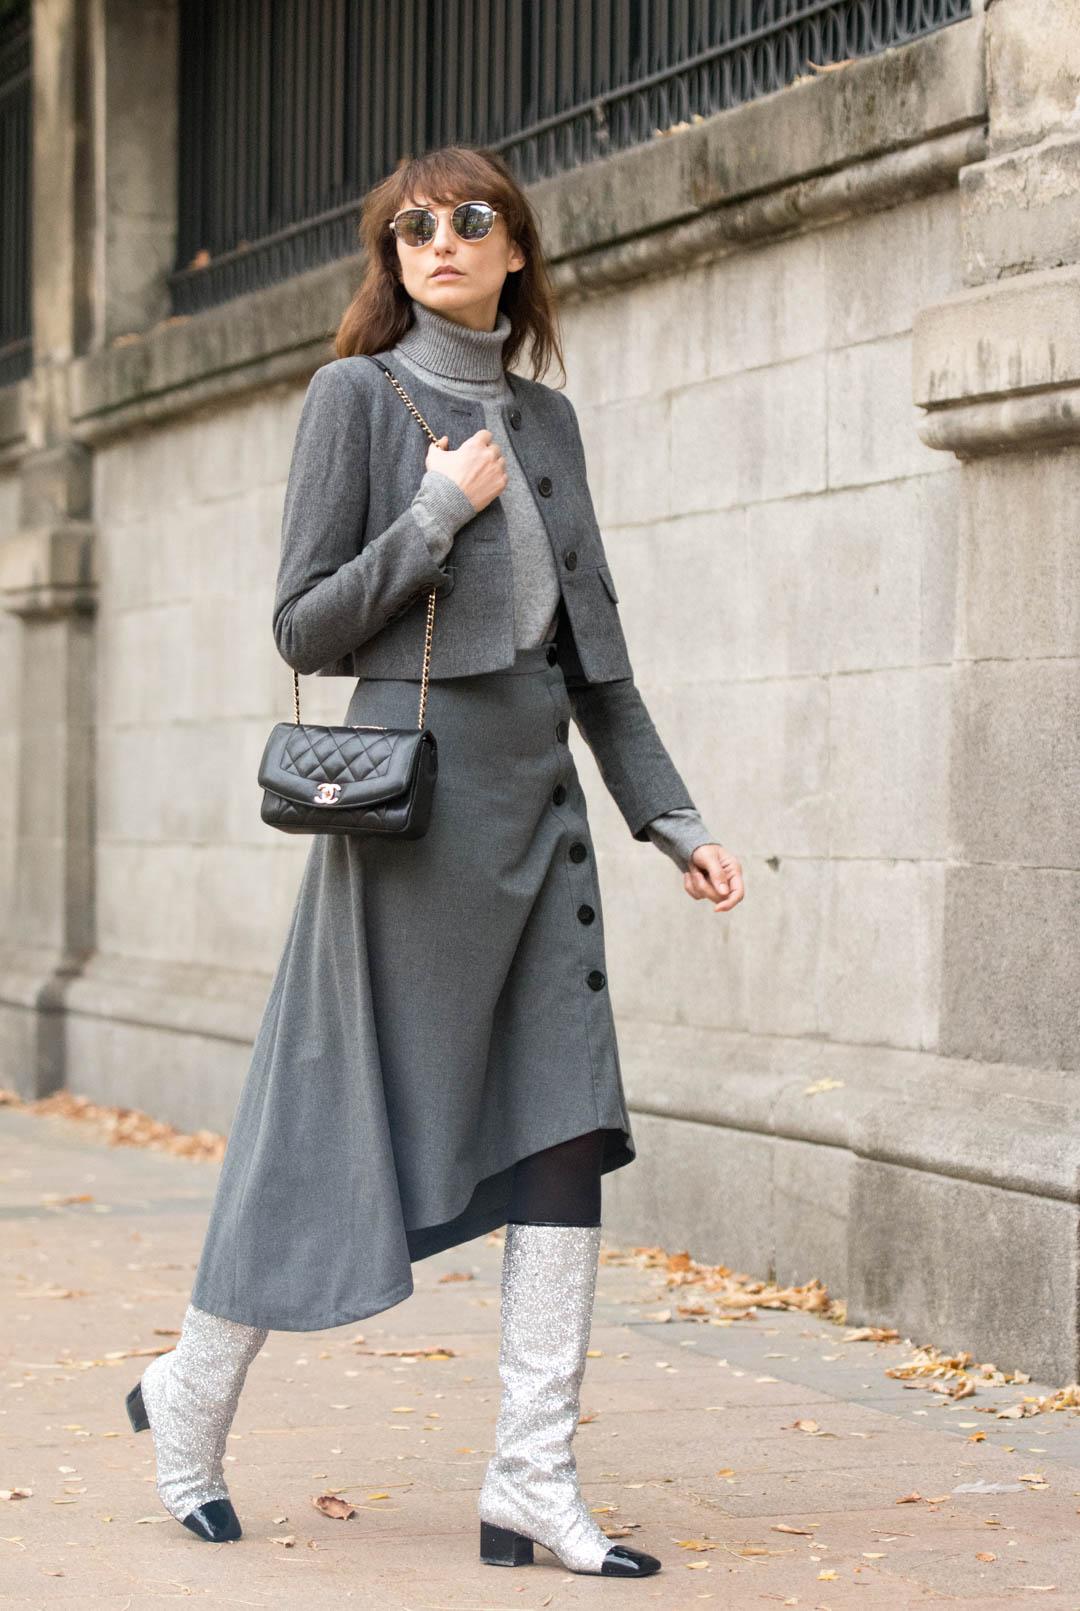 chanela-brillante-street-style-mitmeblog-web-05